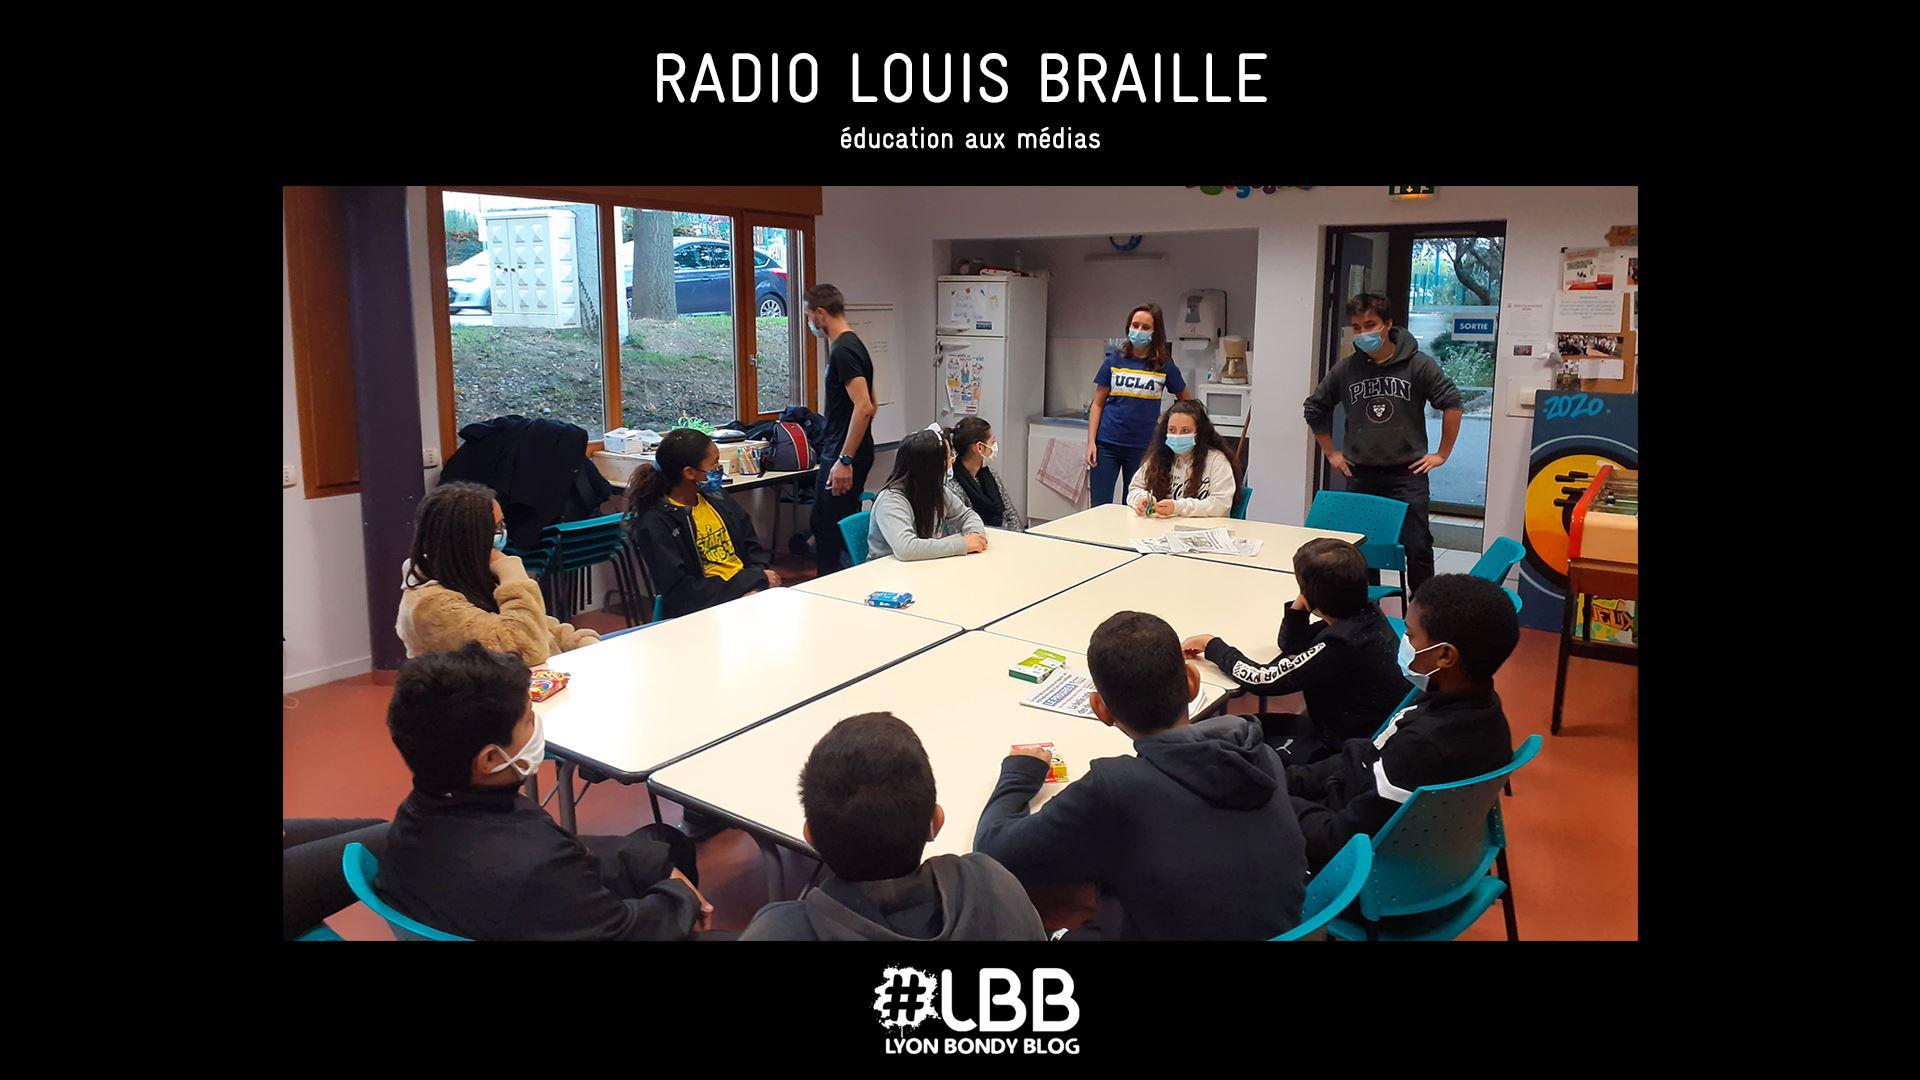 «Radio Louis Braille» : l'actualité vue par les jeunes du centre social Louis Braille